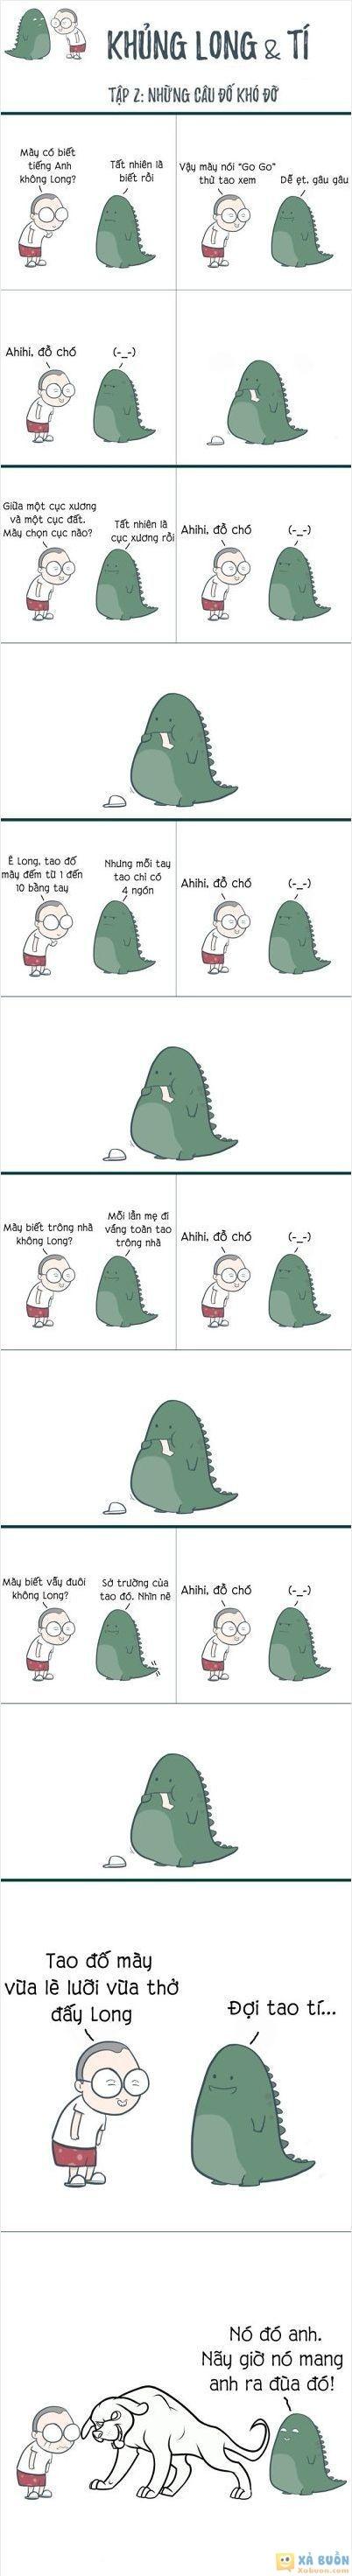 :x  khủng long & tí - tập 2  :3  -  haivl | hài hước | hài vl